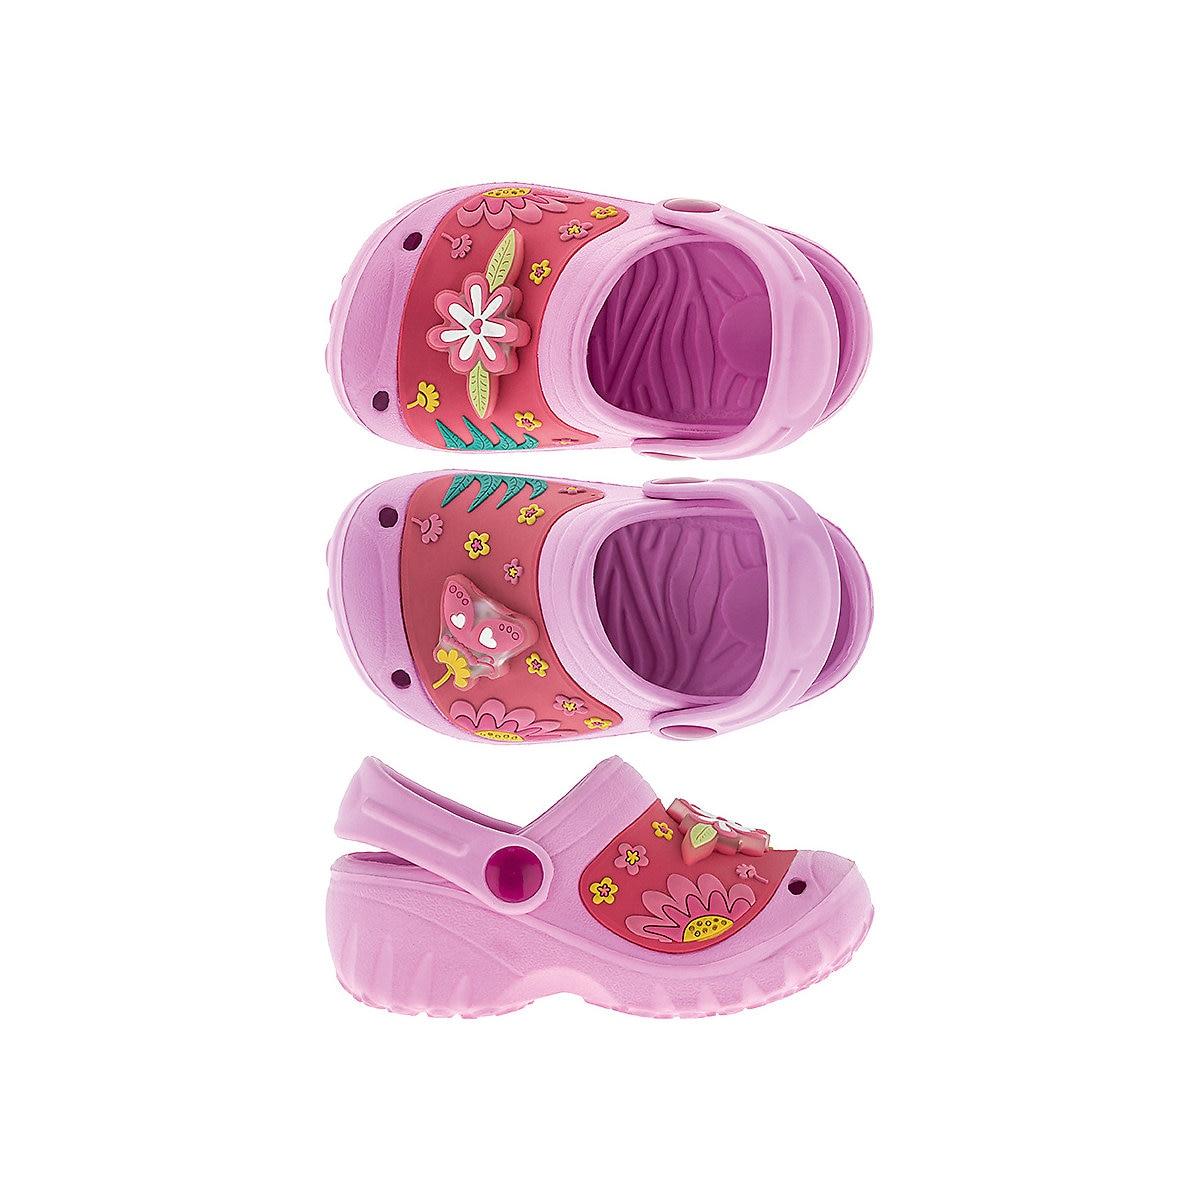 KAKADU Sandals 10696136 clogs comfortable and light children's shoes girls and boys kakadu sandals 10696136 clogs comfortable and light children s shoes girls and boys